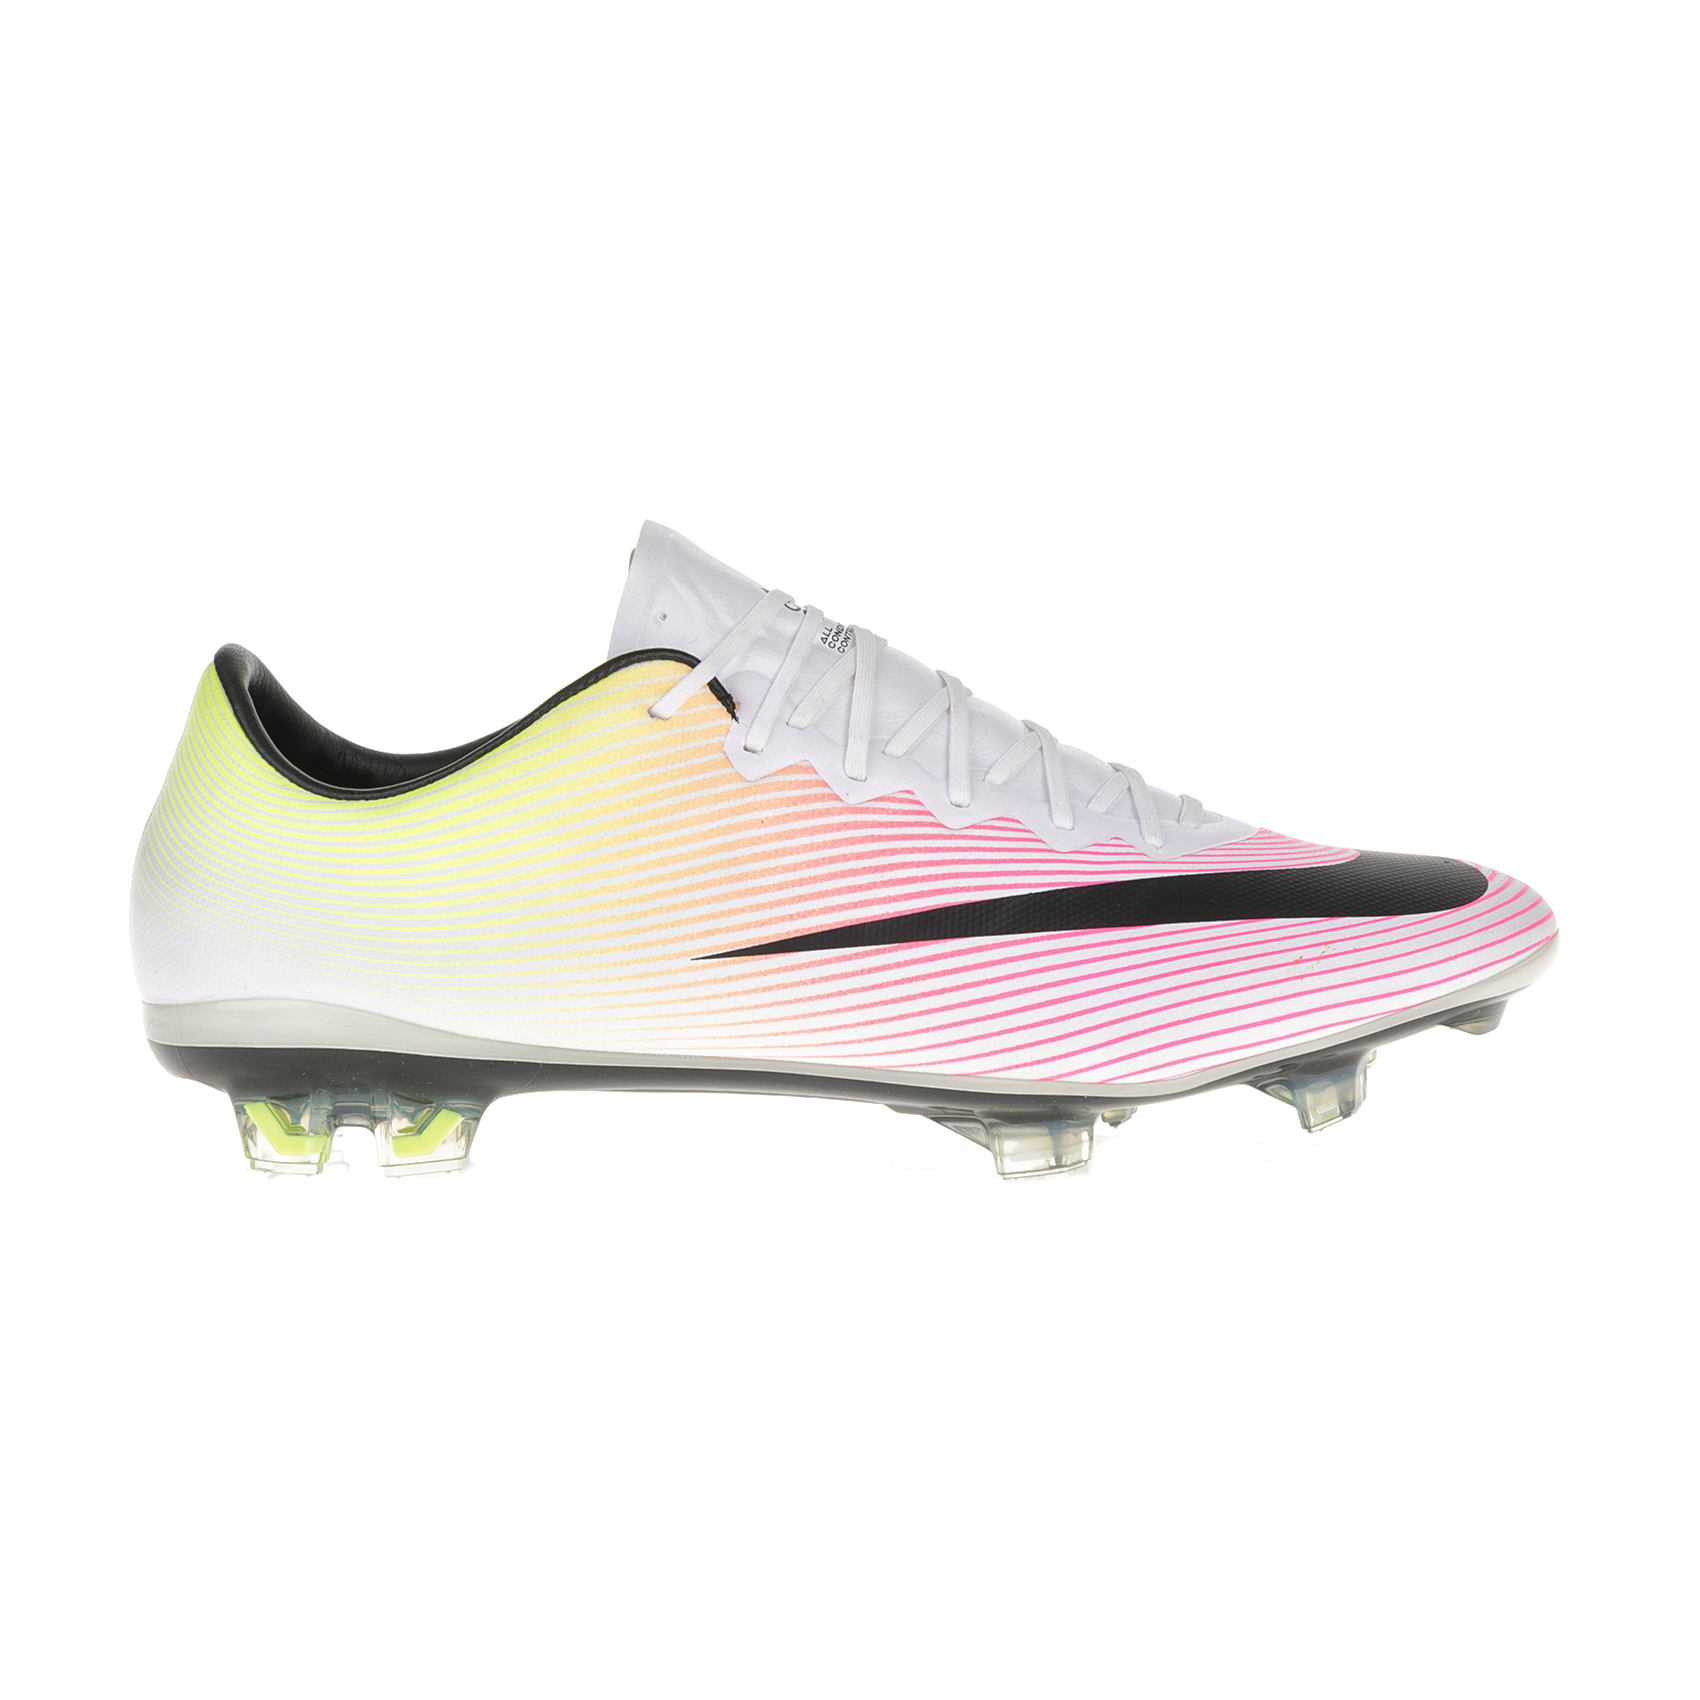 NIKE – Ανδρικά παπούτσια ποδοσφαίρου Nike MERCURIAL VAPOR X FG λευκά – ροζ